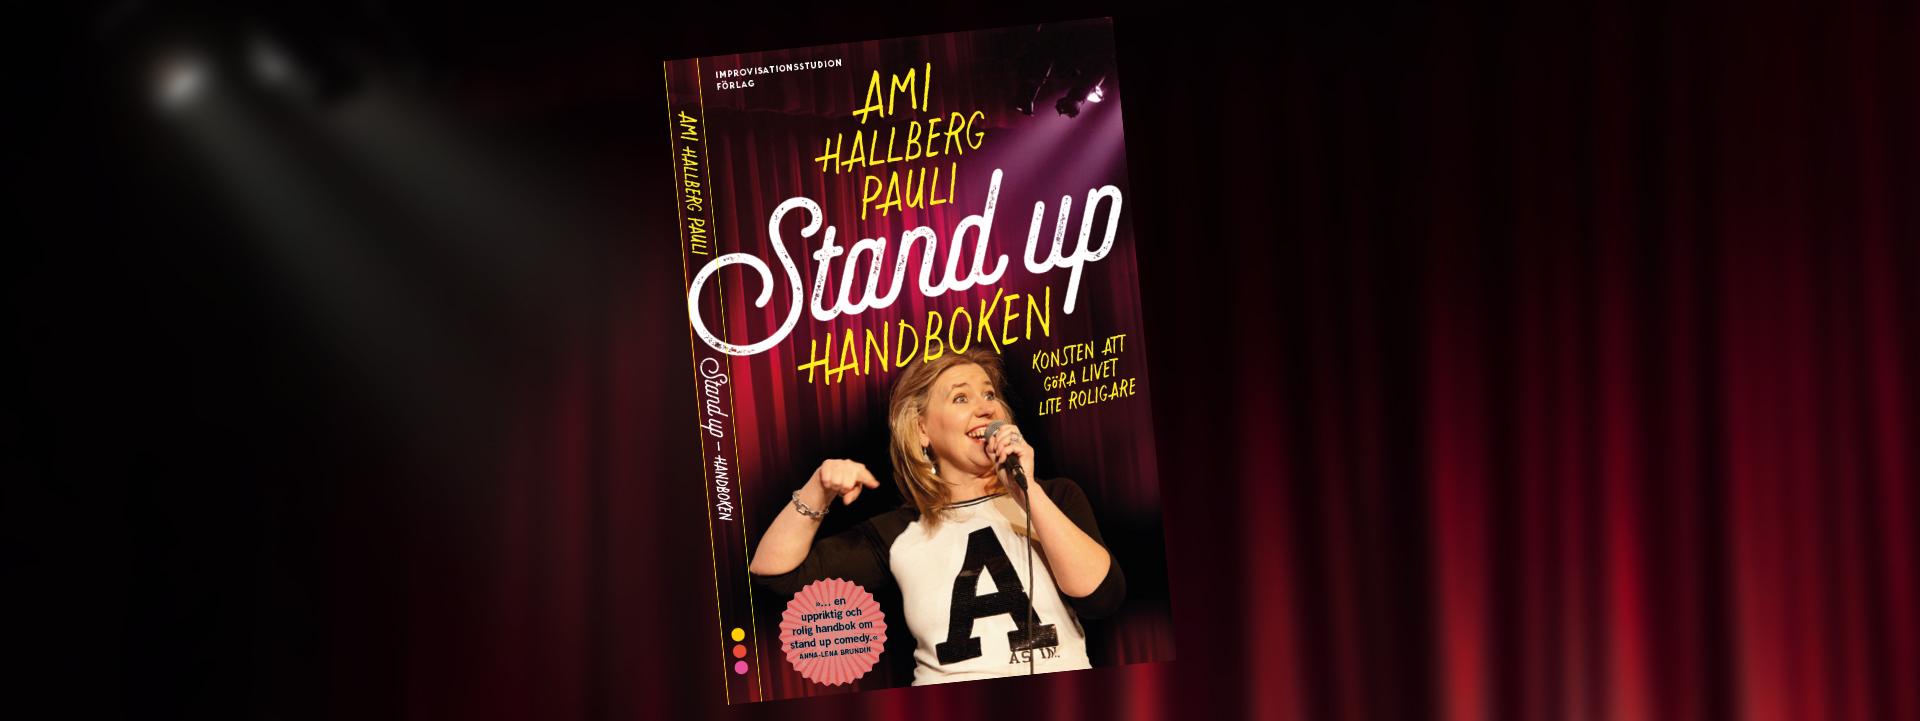 Stand Up-handboken av Ami Hallberg Pauli